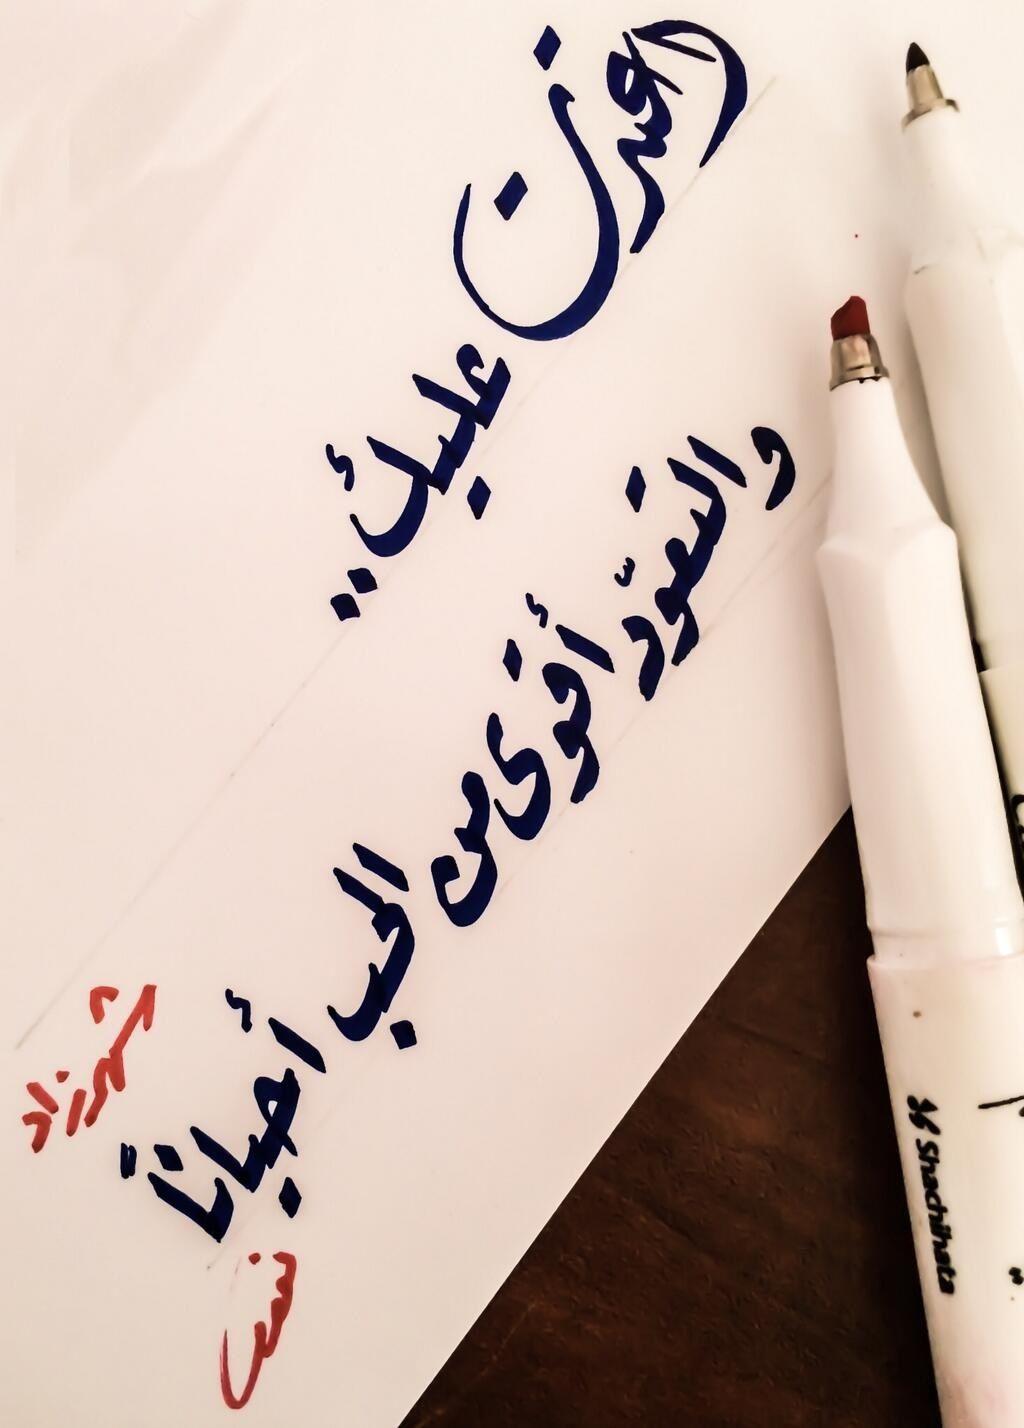 التعود أقوى من الحب أحيانا راااائعه Love Quotes Wallpaper Beautiful Arabic Words Arabic Love Quotes